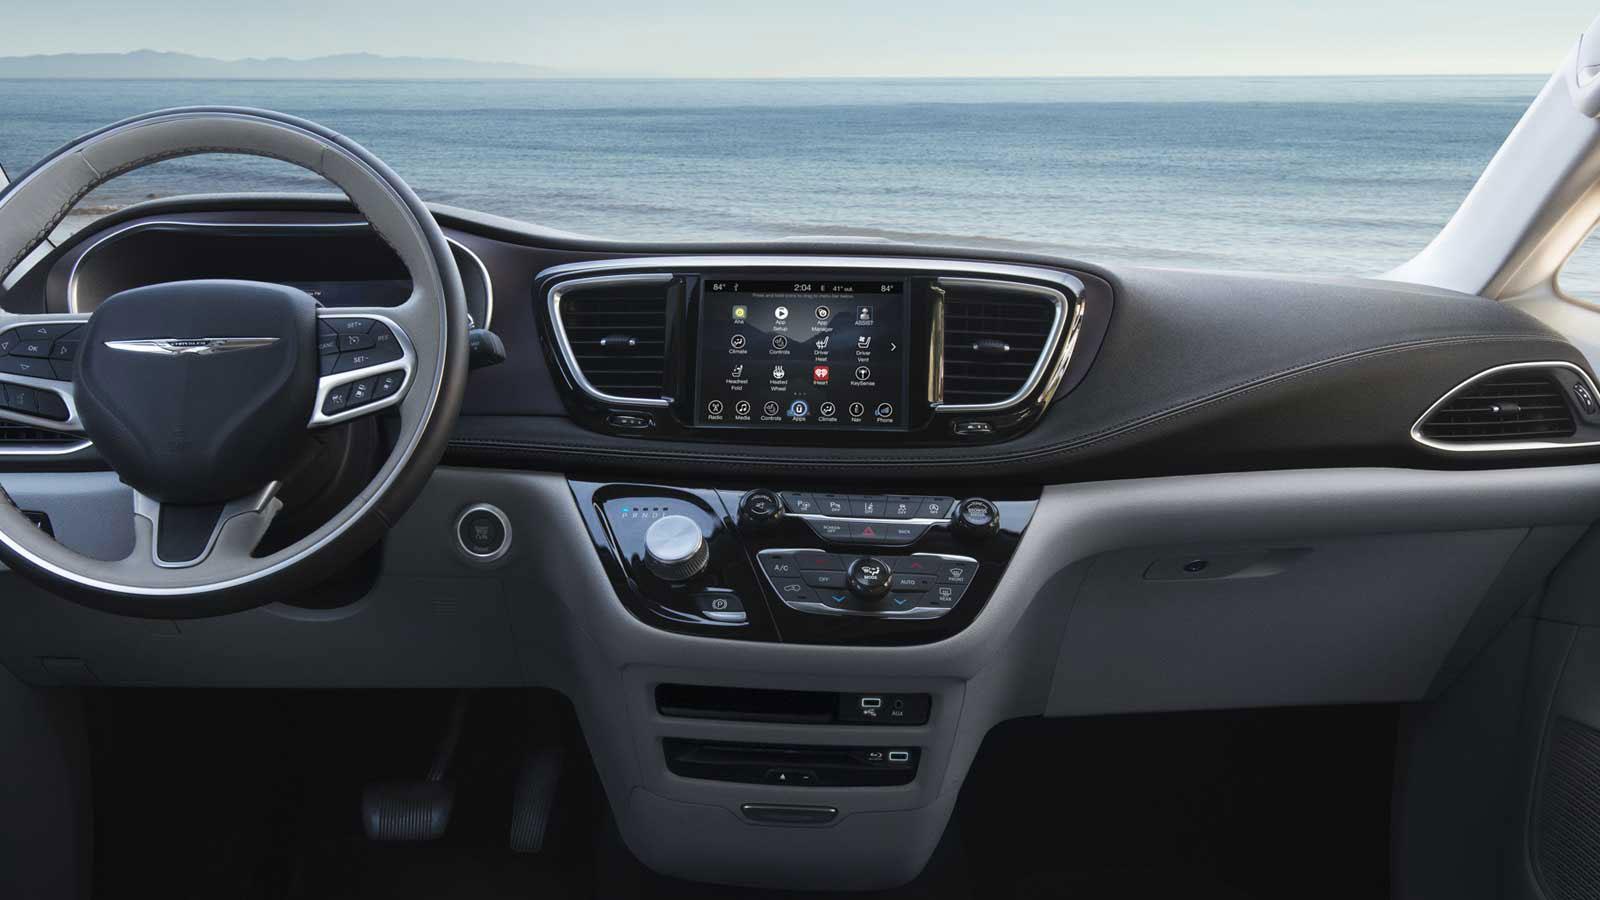 Chrysler Pacifica Lease >> 2017 Chrysler Pacifica Mini Van Artioli Chrysler Dodge Ram